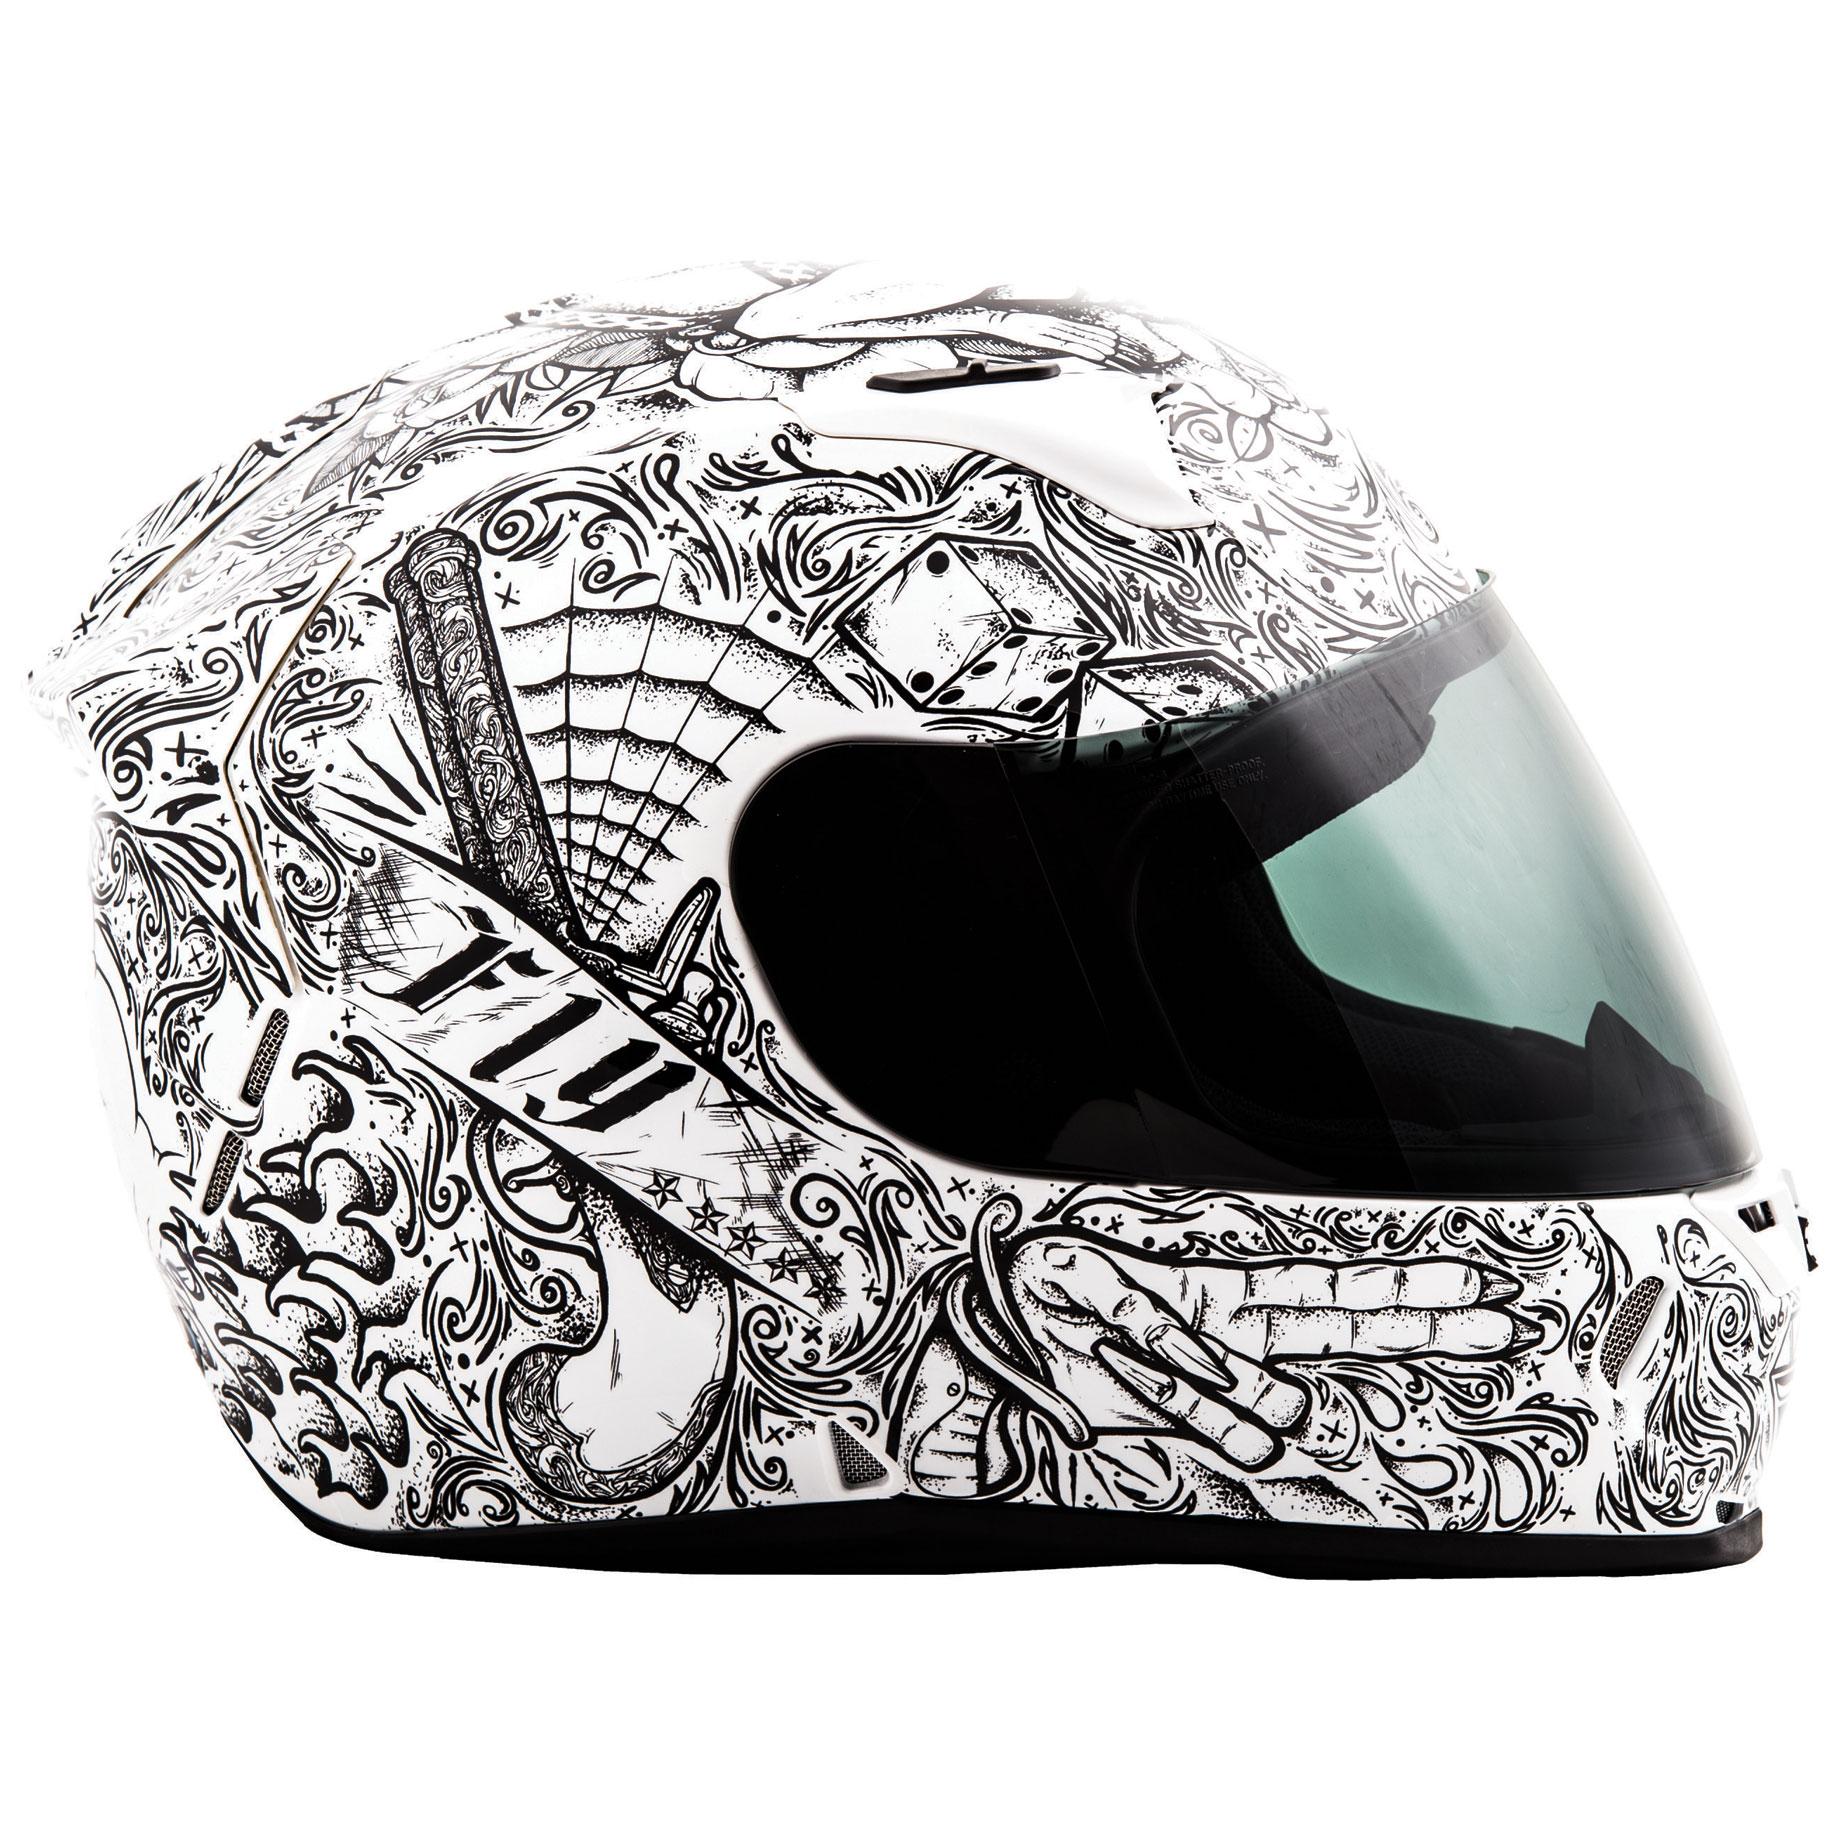 FLY Racing Street Revolt FS Ink'n Needle Gloss White Full Face Helmet